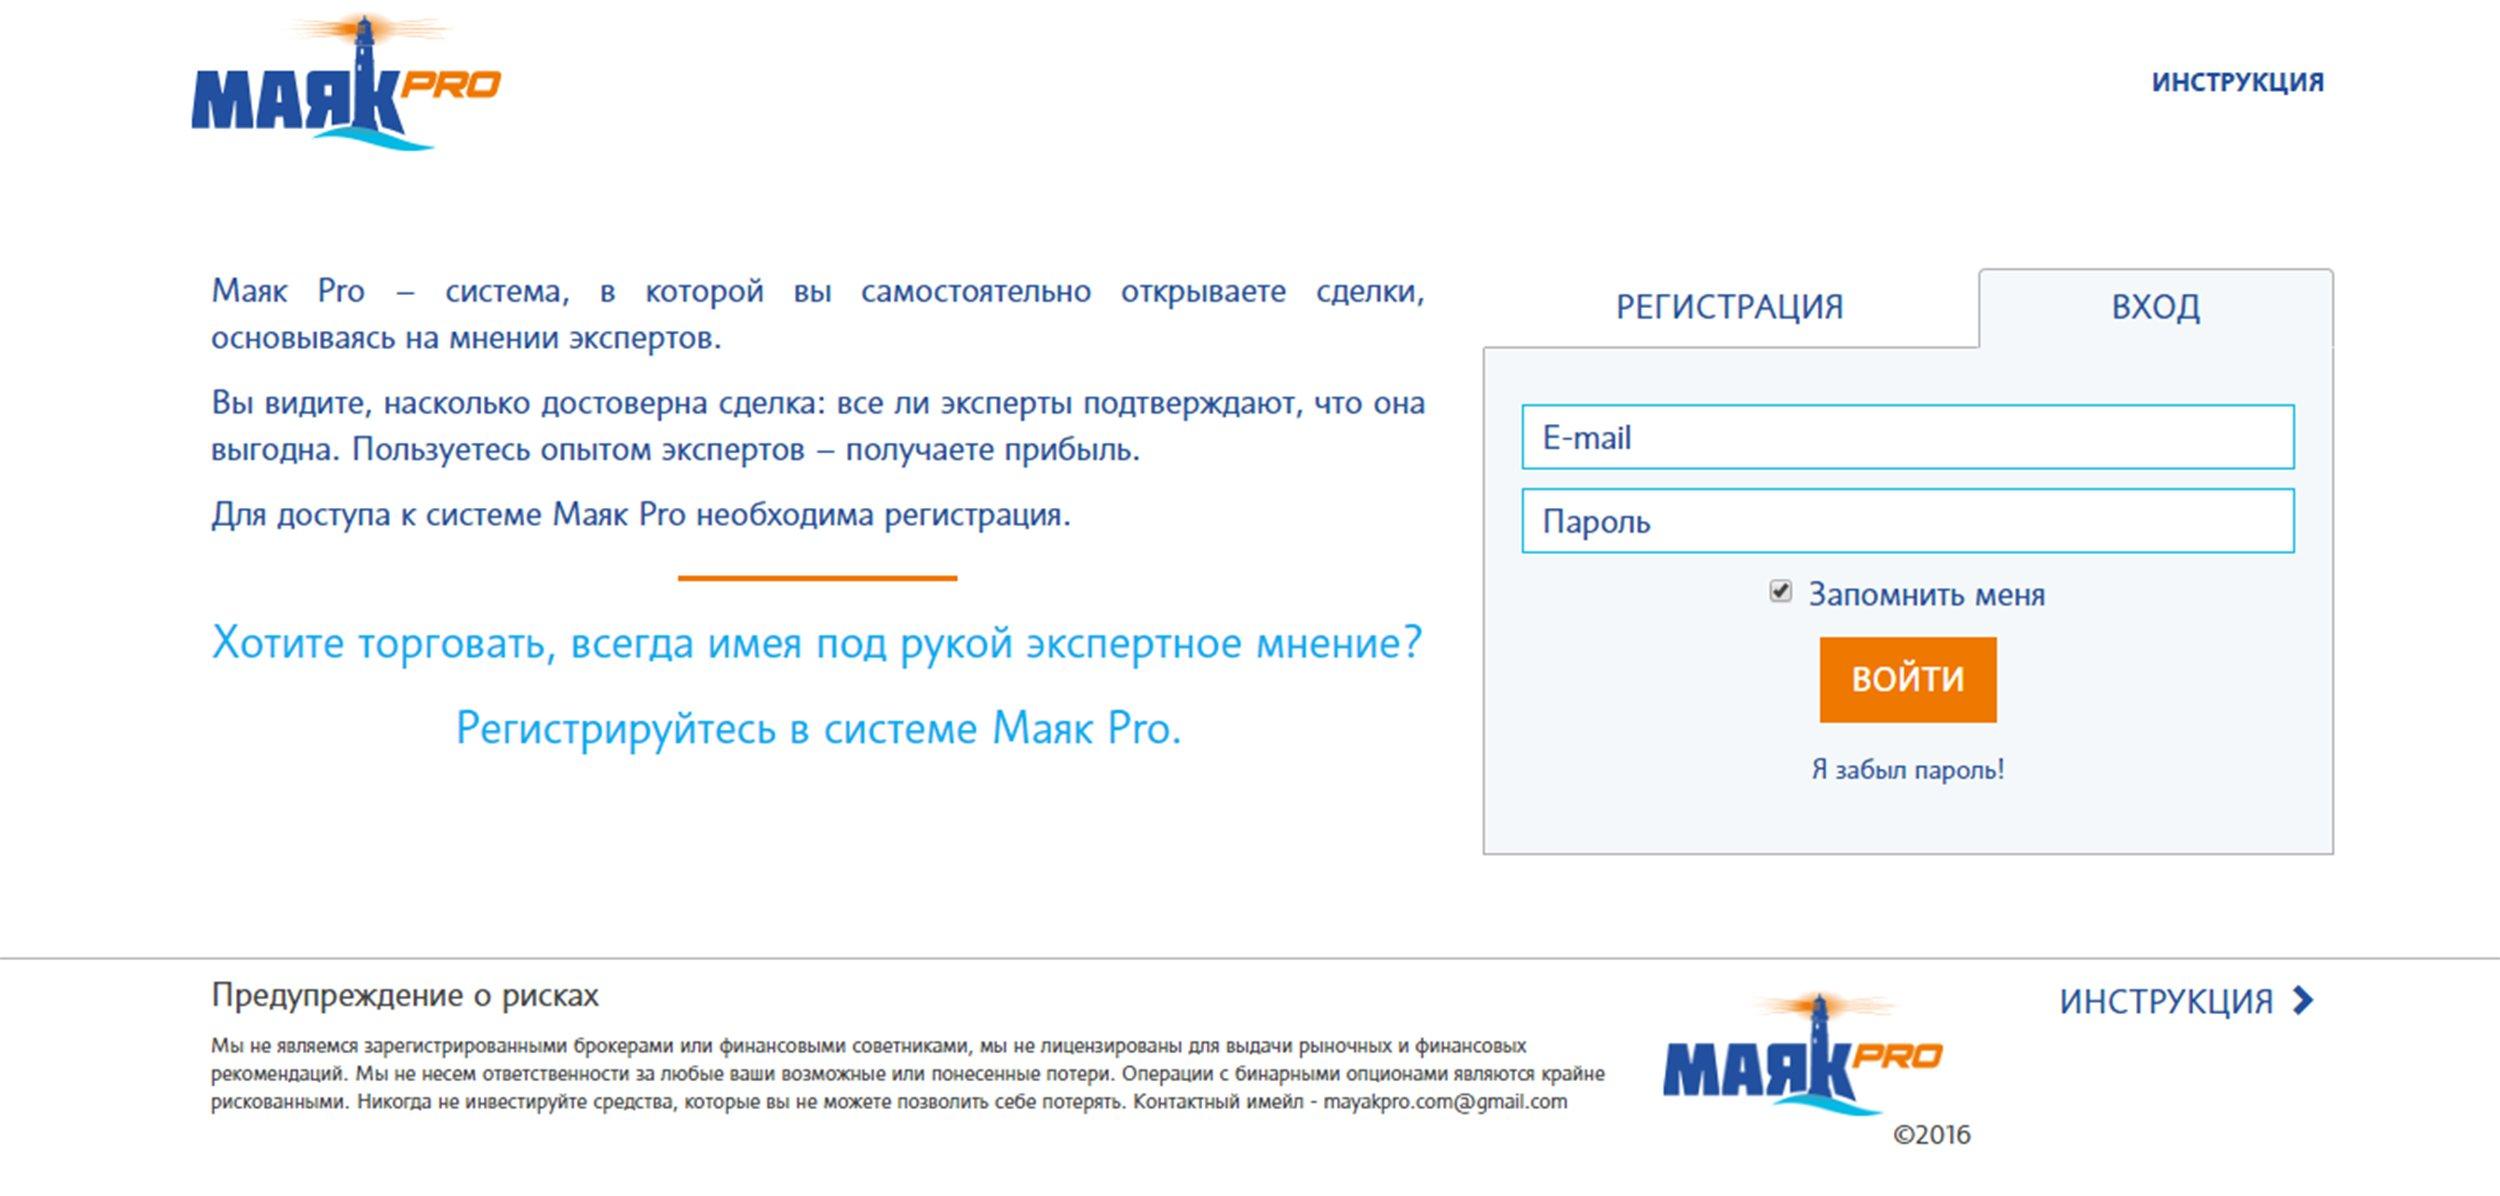 Маяк-Pro: новый развод на бинарных опционах. Прочтите, чтобы не потерять 250 $